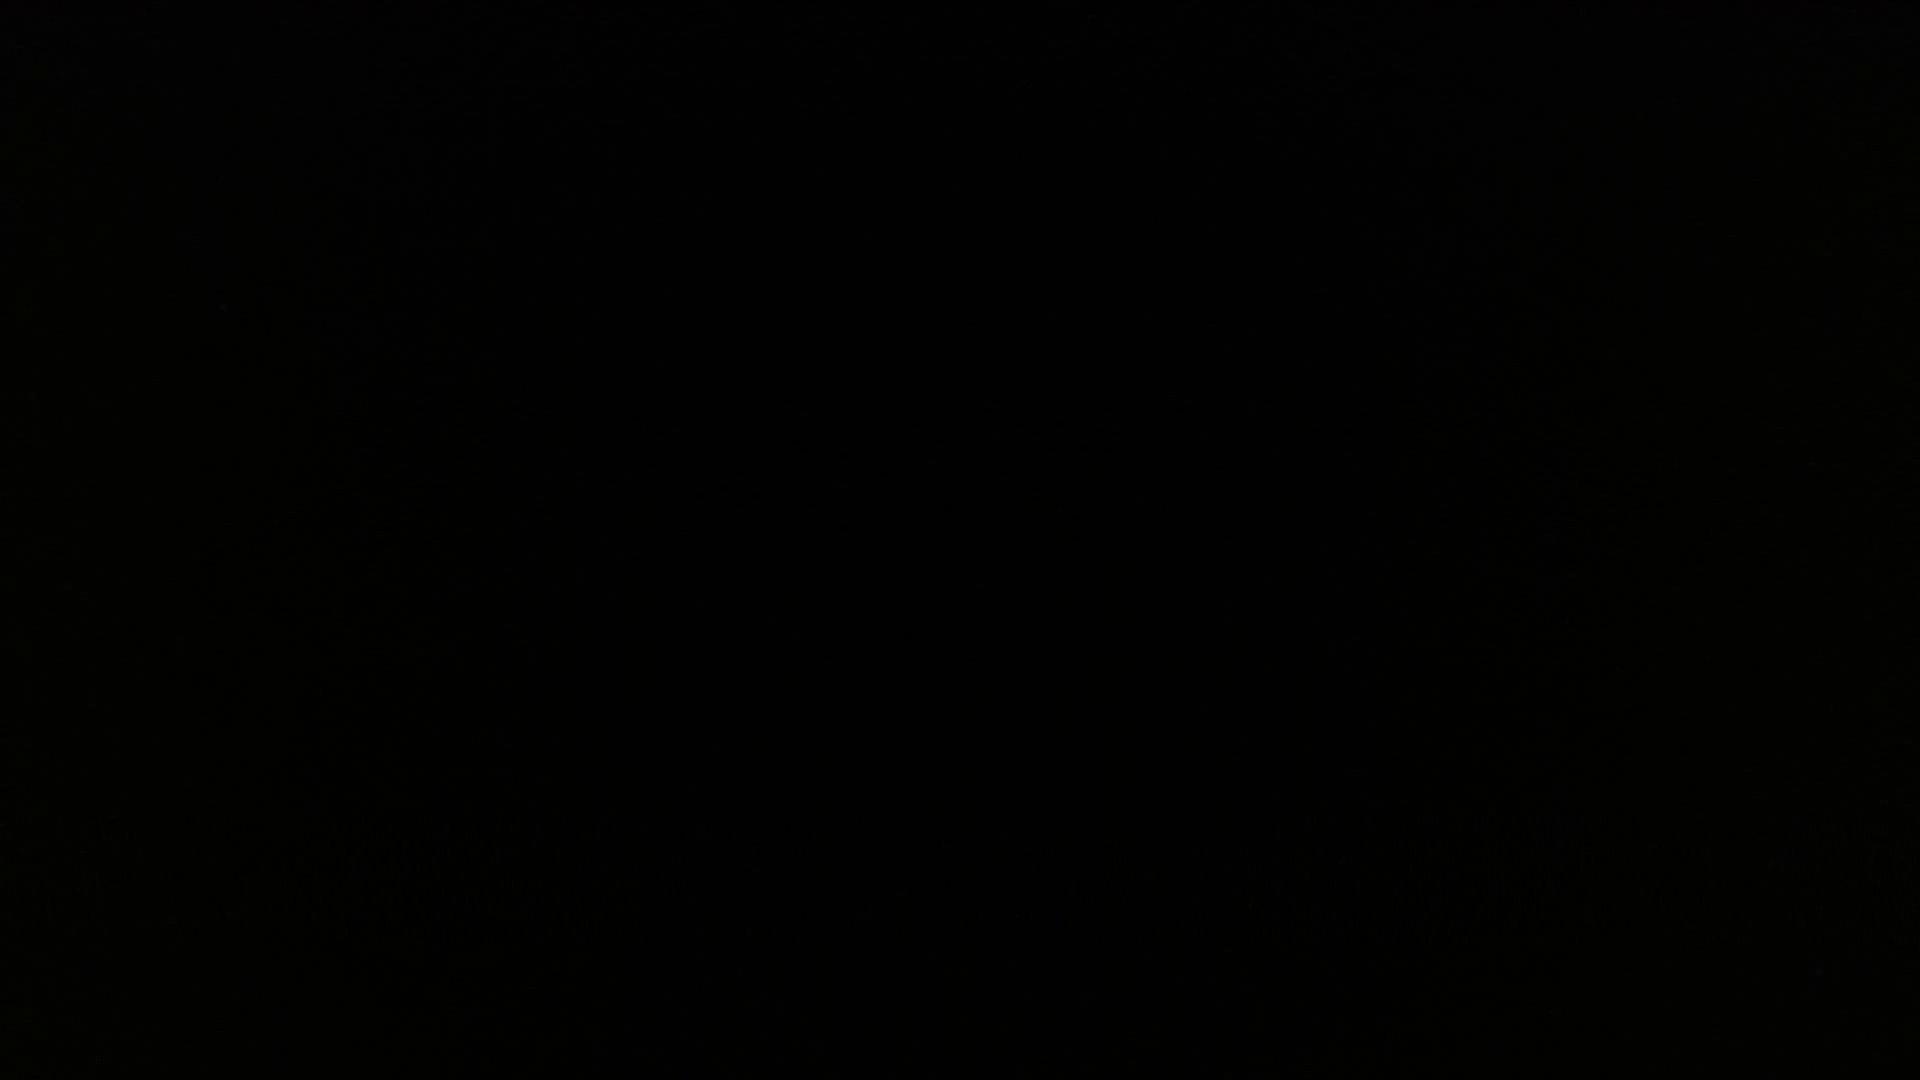 おちんちん|SPYさん初投稿!マンション覗き!5000K!ハイビジョン撮影VOL.03(元野球部社会人編)|ノンケ